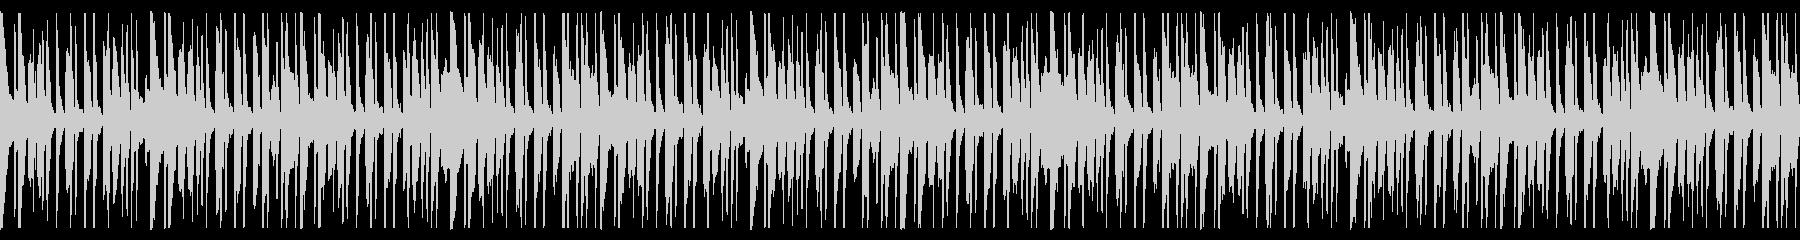 ピンポン跳ねるポップなループ曲の未再生の波形